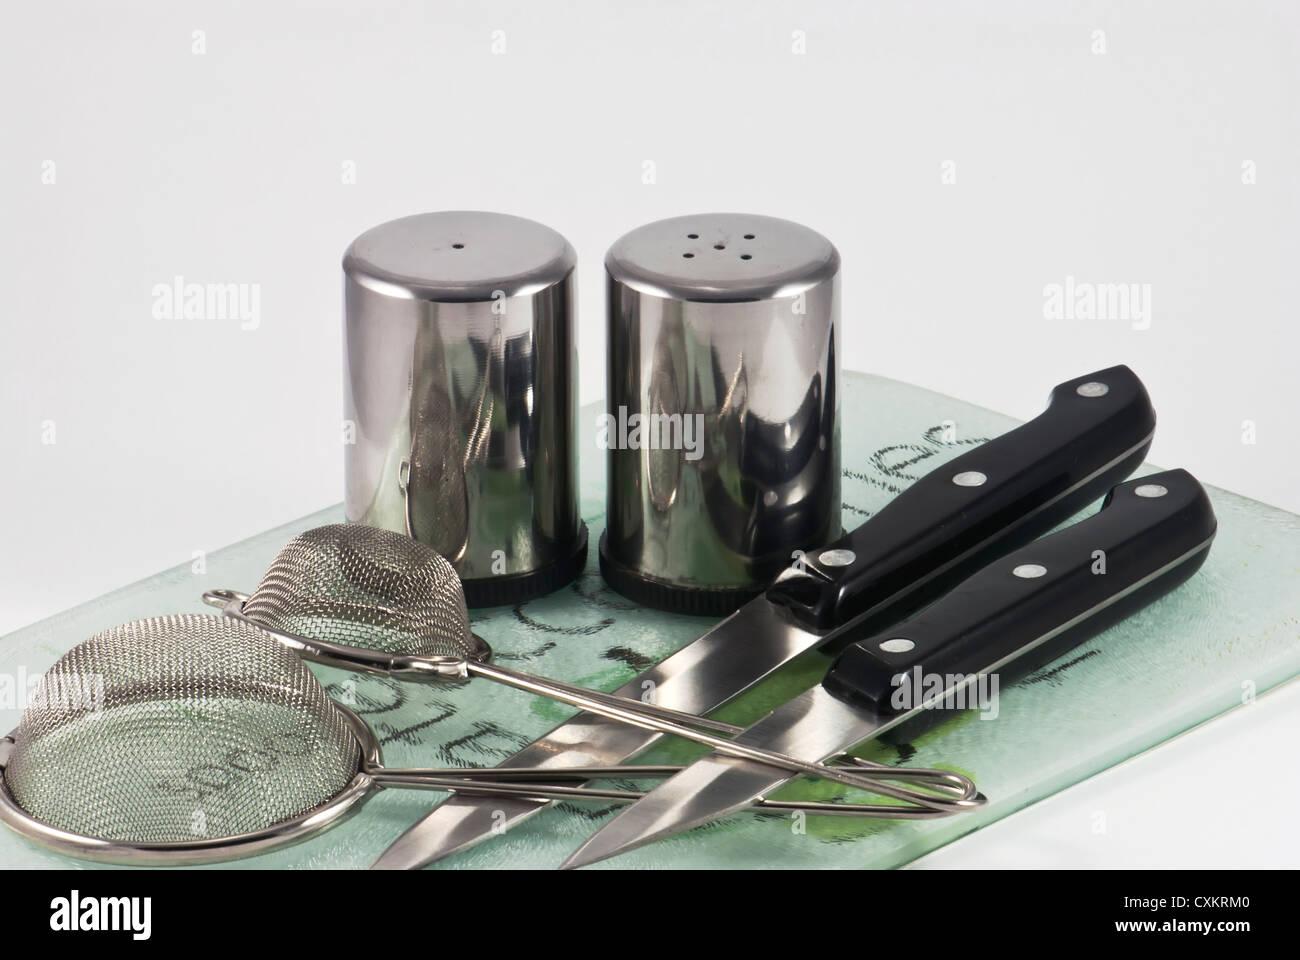 Utensili in cucina - coltelli, sale e pepe in cantine con filtri ...